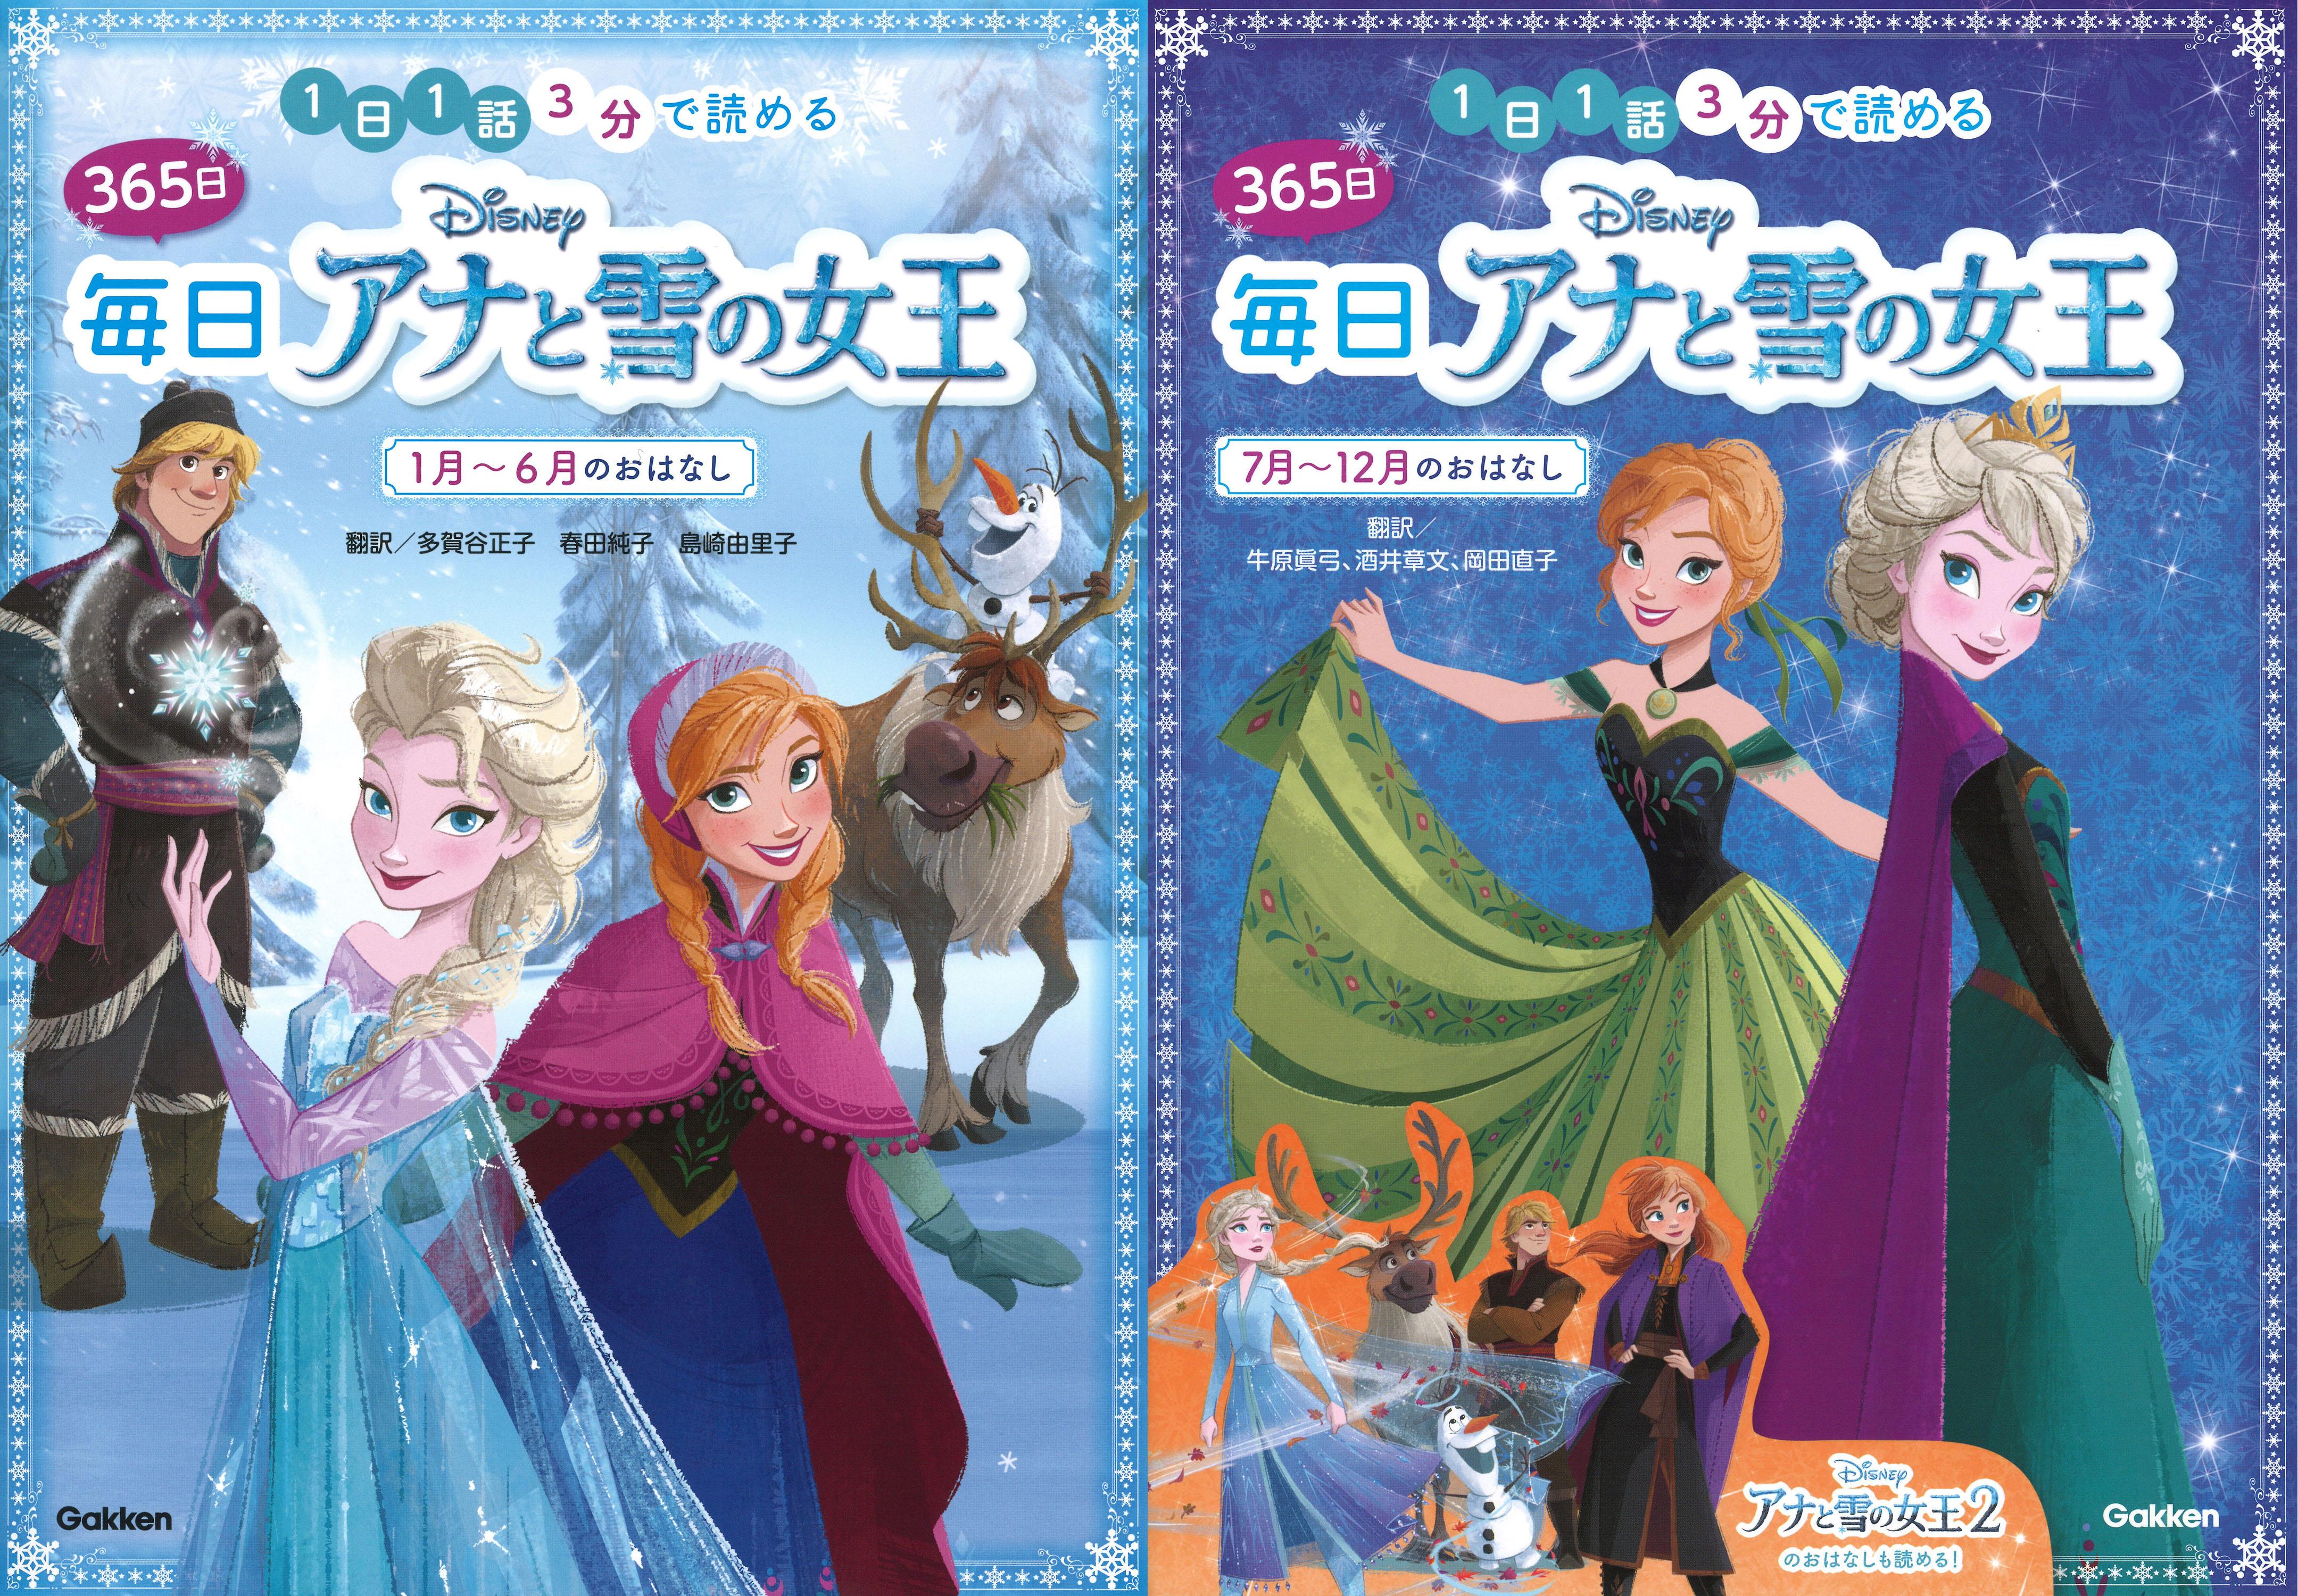 『365日毎日アナと雪の女王』書影